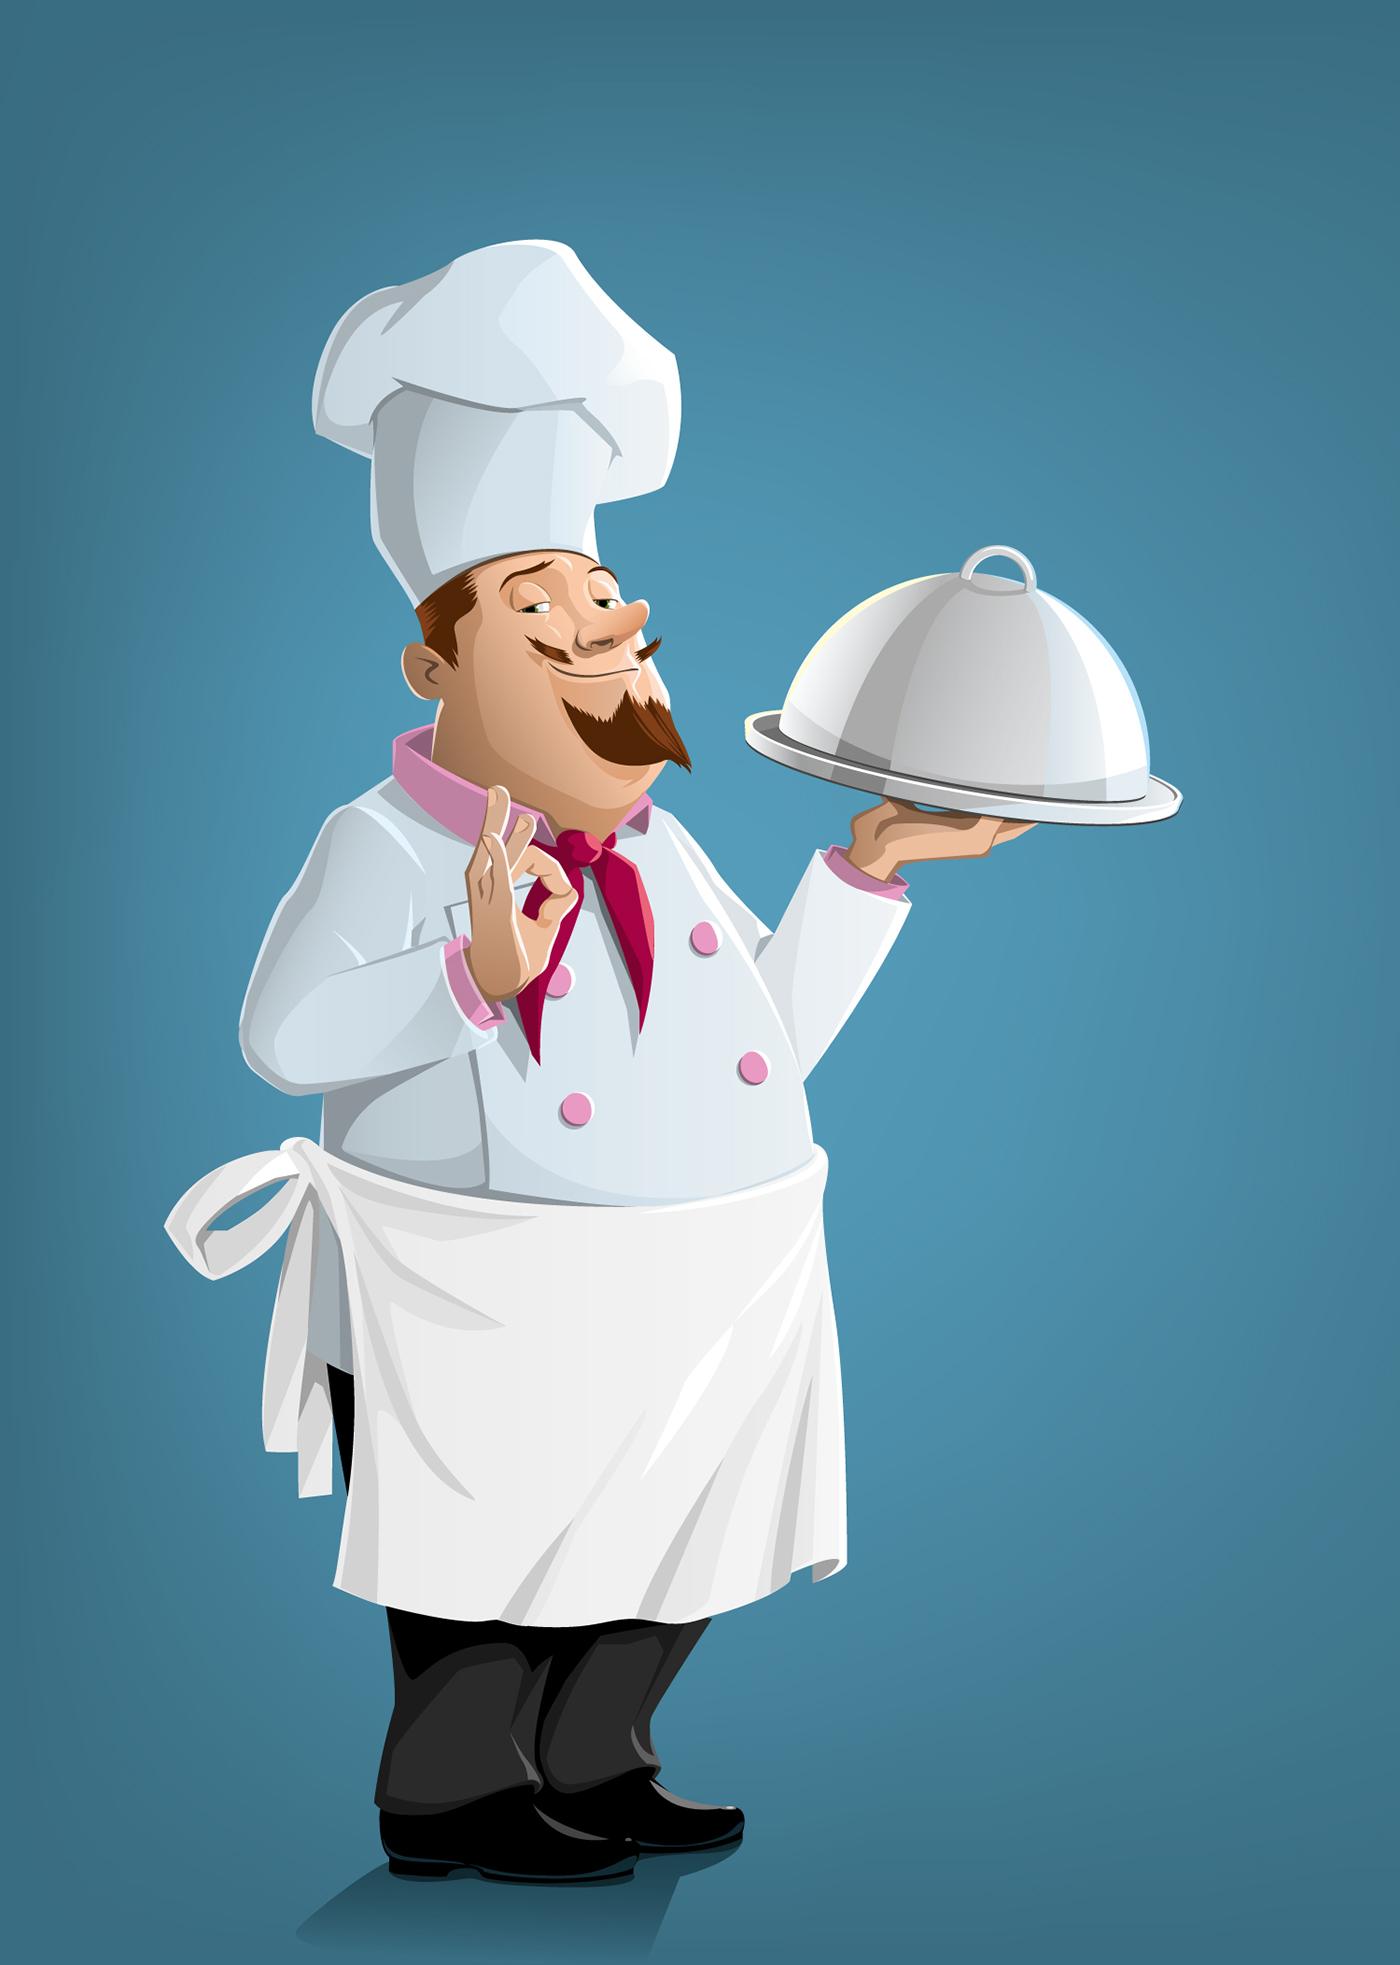 Картинки апрекцанизм смешные повар рисунки, кабина